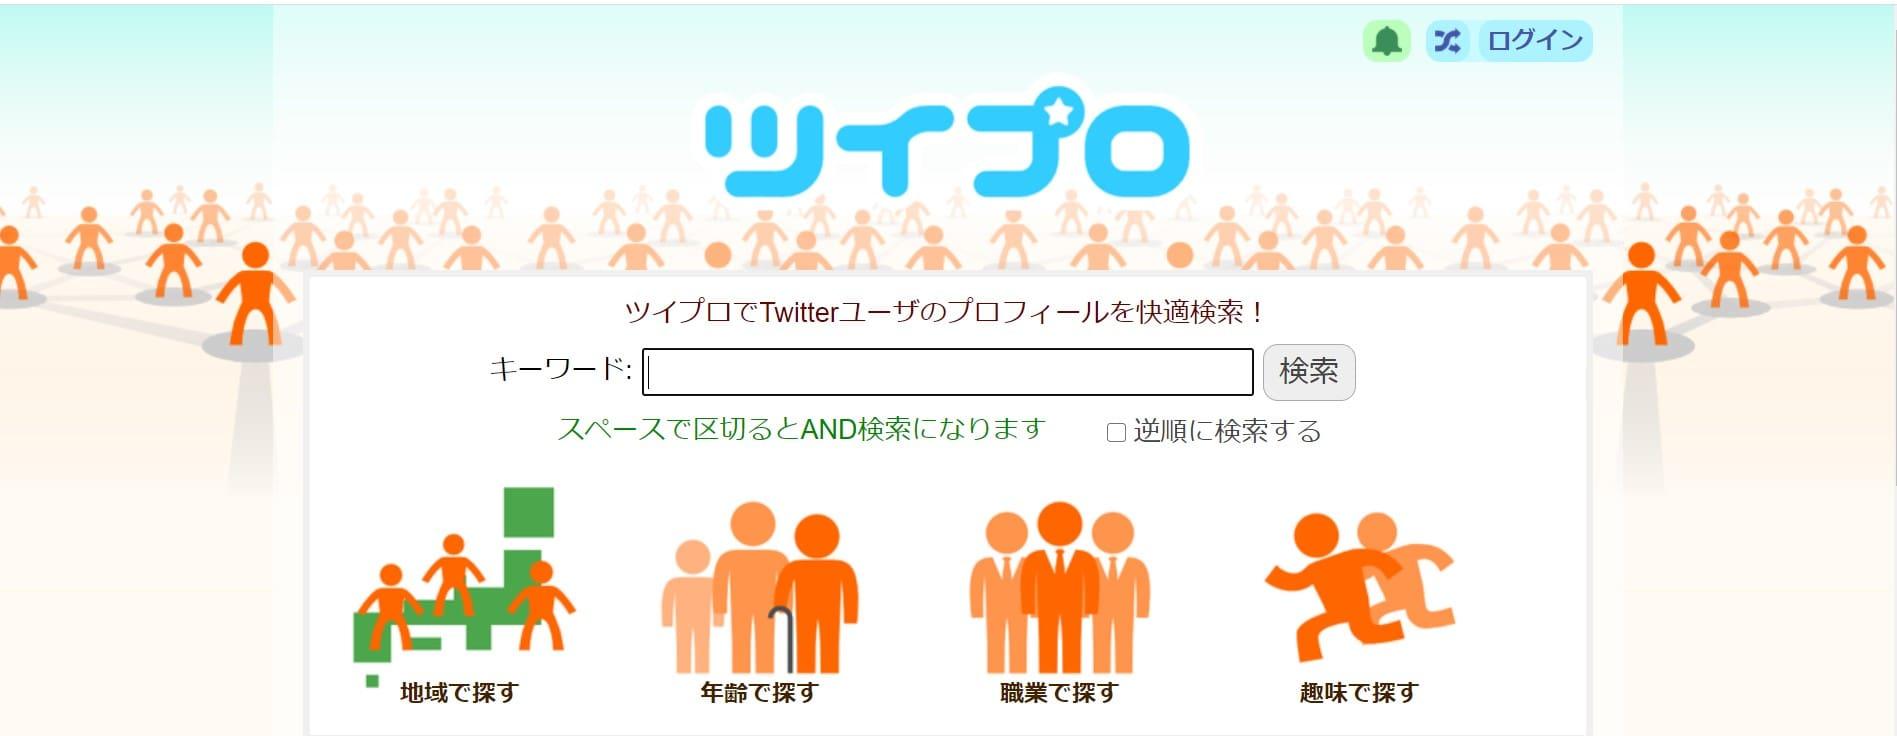 【ツイプロ】ライバルアカウントを検索できるツール